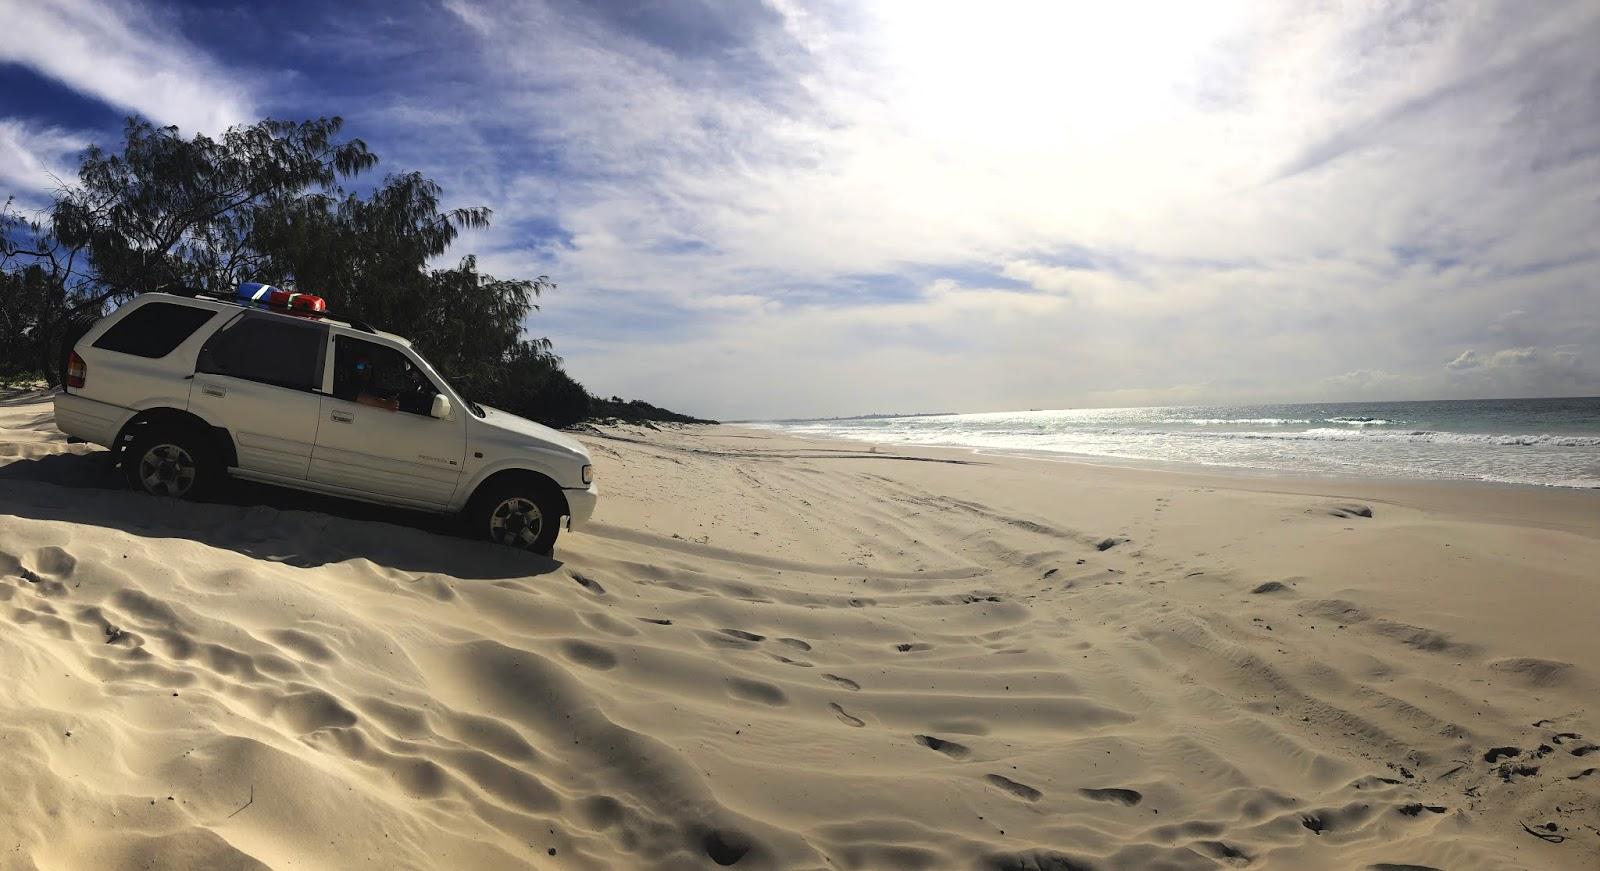 Samochód na plaży w Bribie Island National Park and Recreation Area